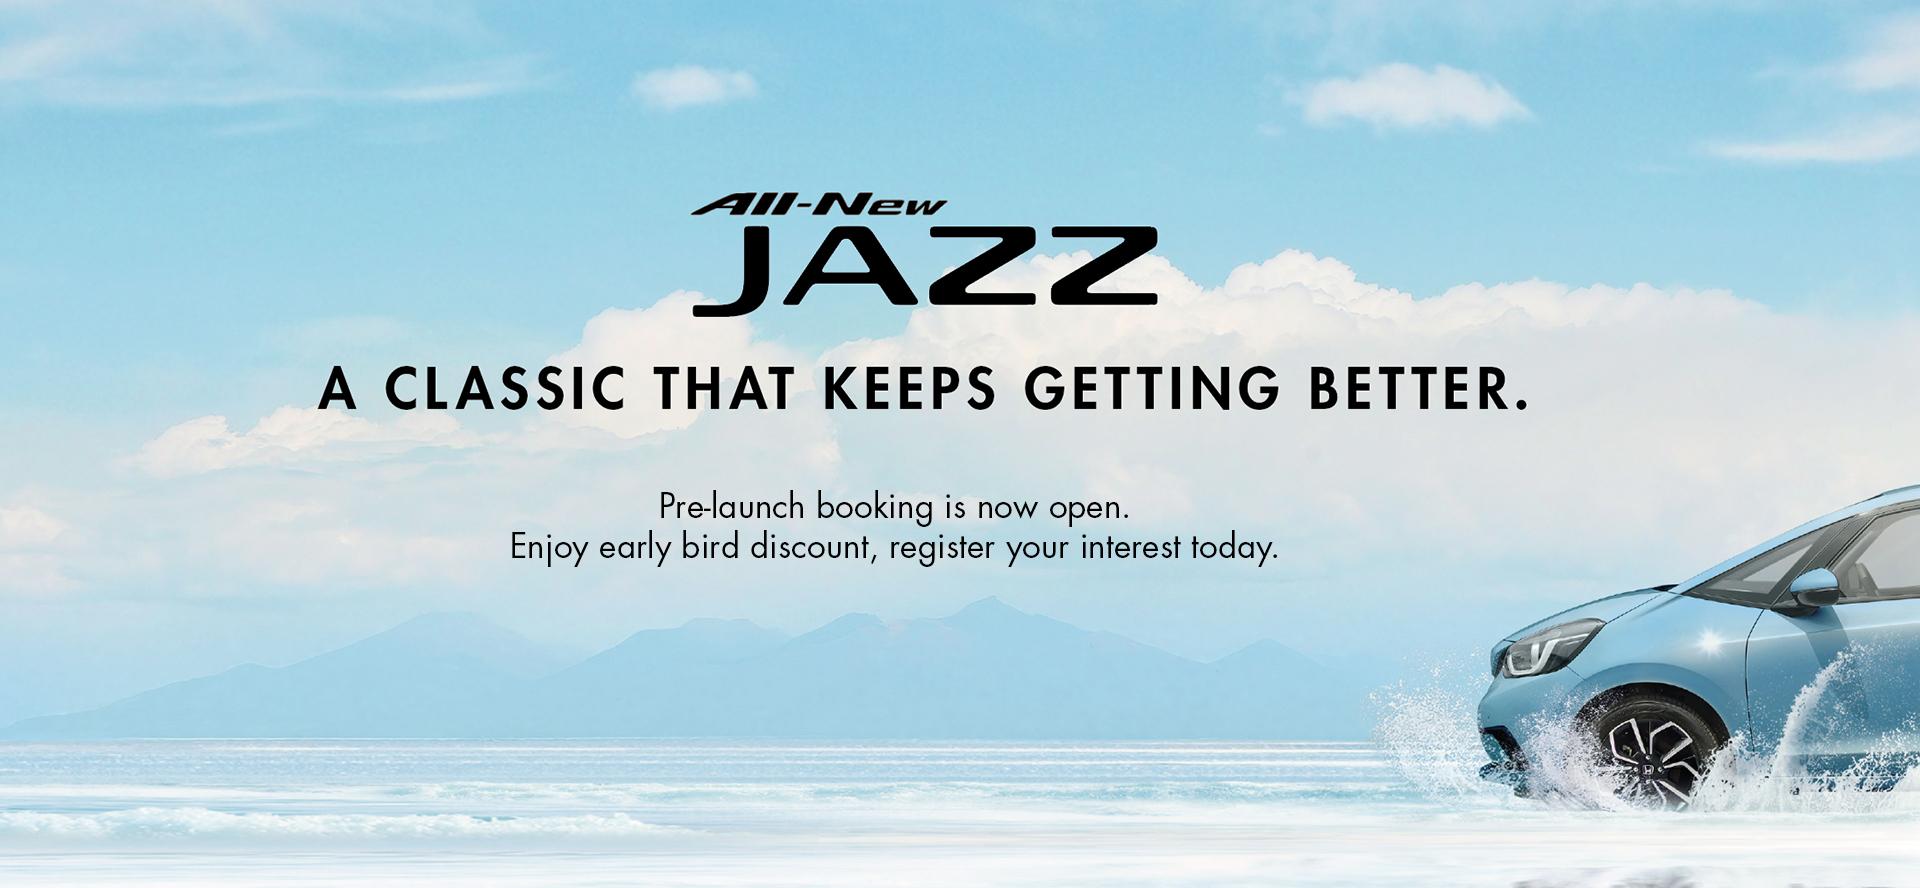 All-New_Jazz_Model_Banner_1920x888px_Teaser_R5 Honda All-New Jazz